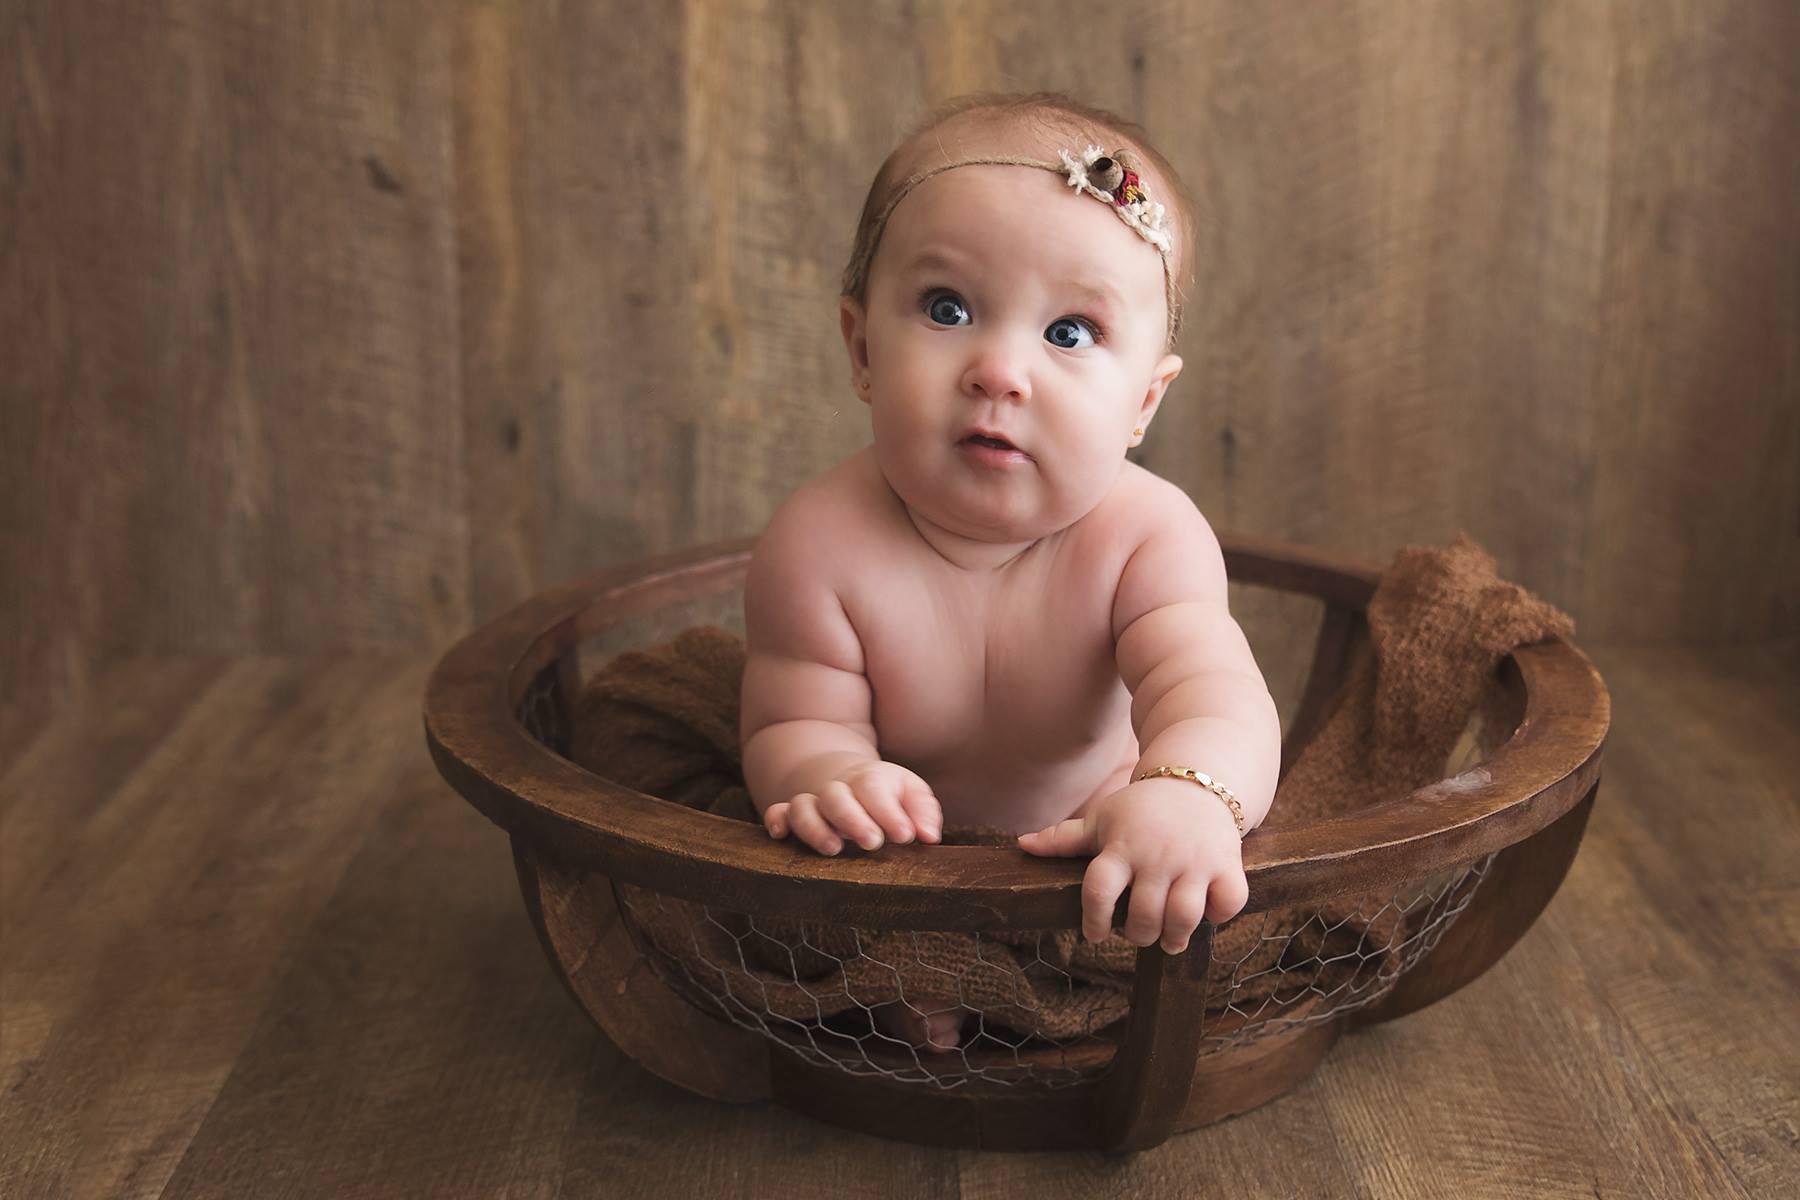 baby sitter photography sydney children